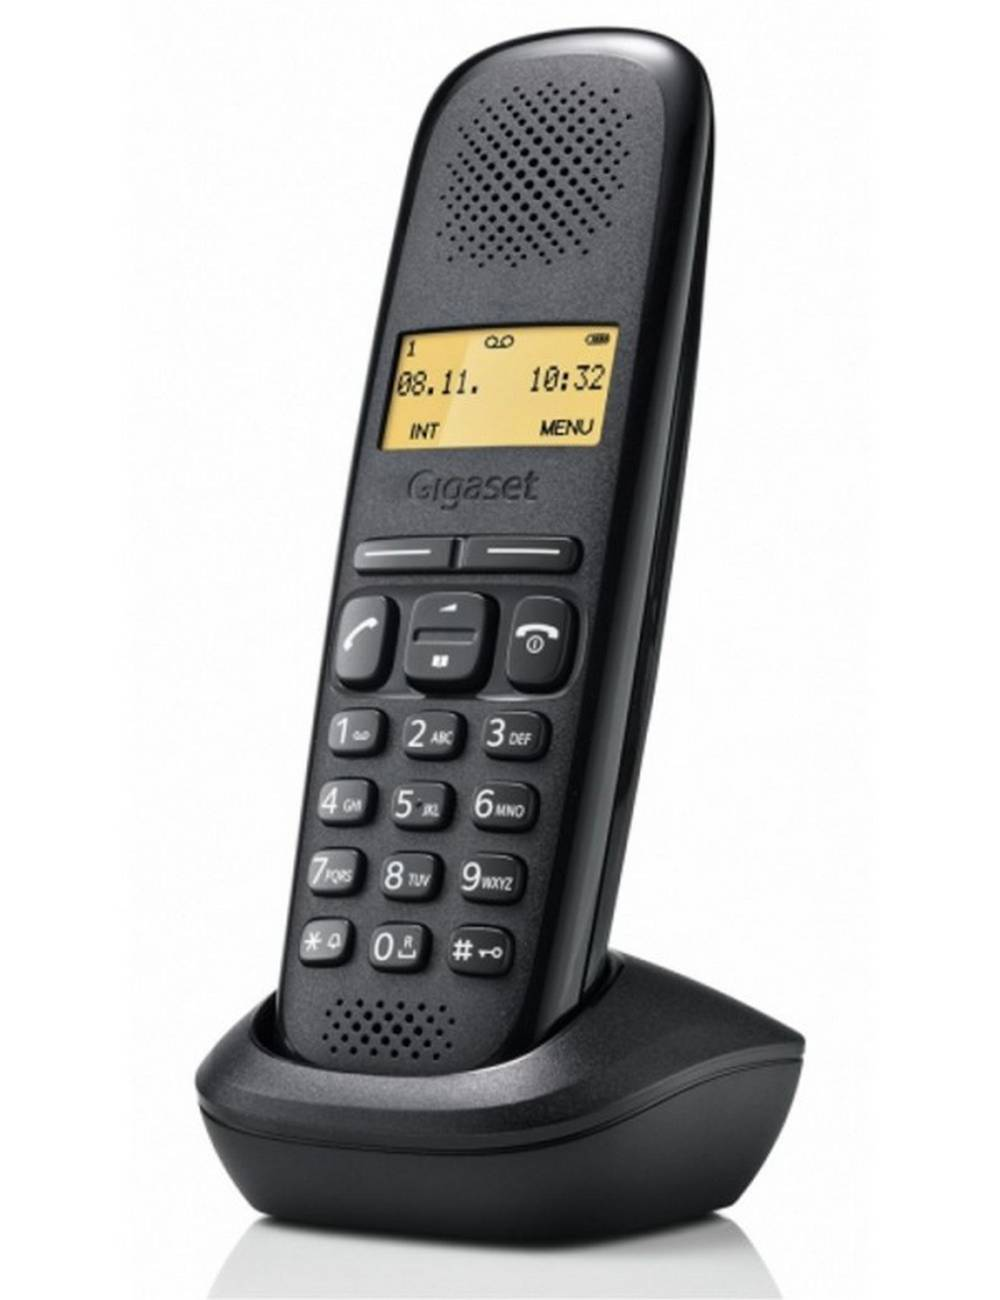 Ασύρματο Ψηφιακό Τηλέφωνο Gigaset A150 Μαύρο EU